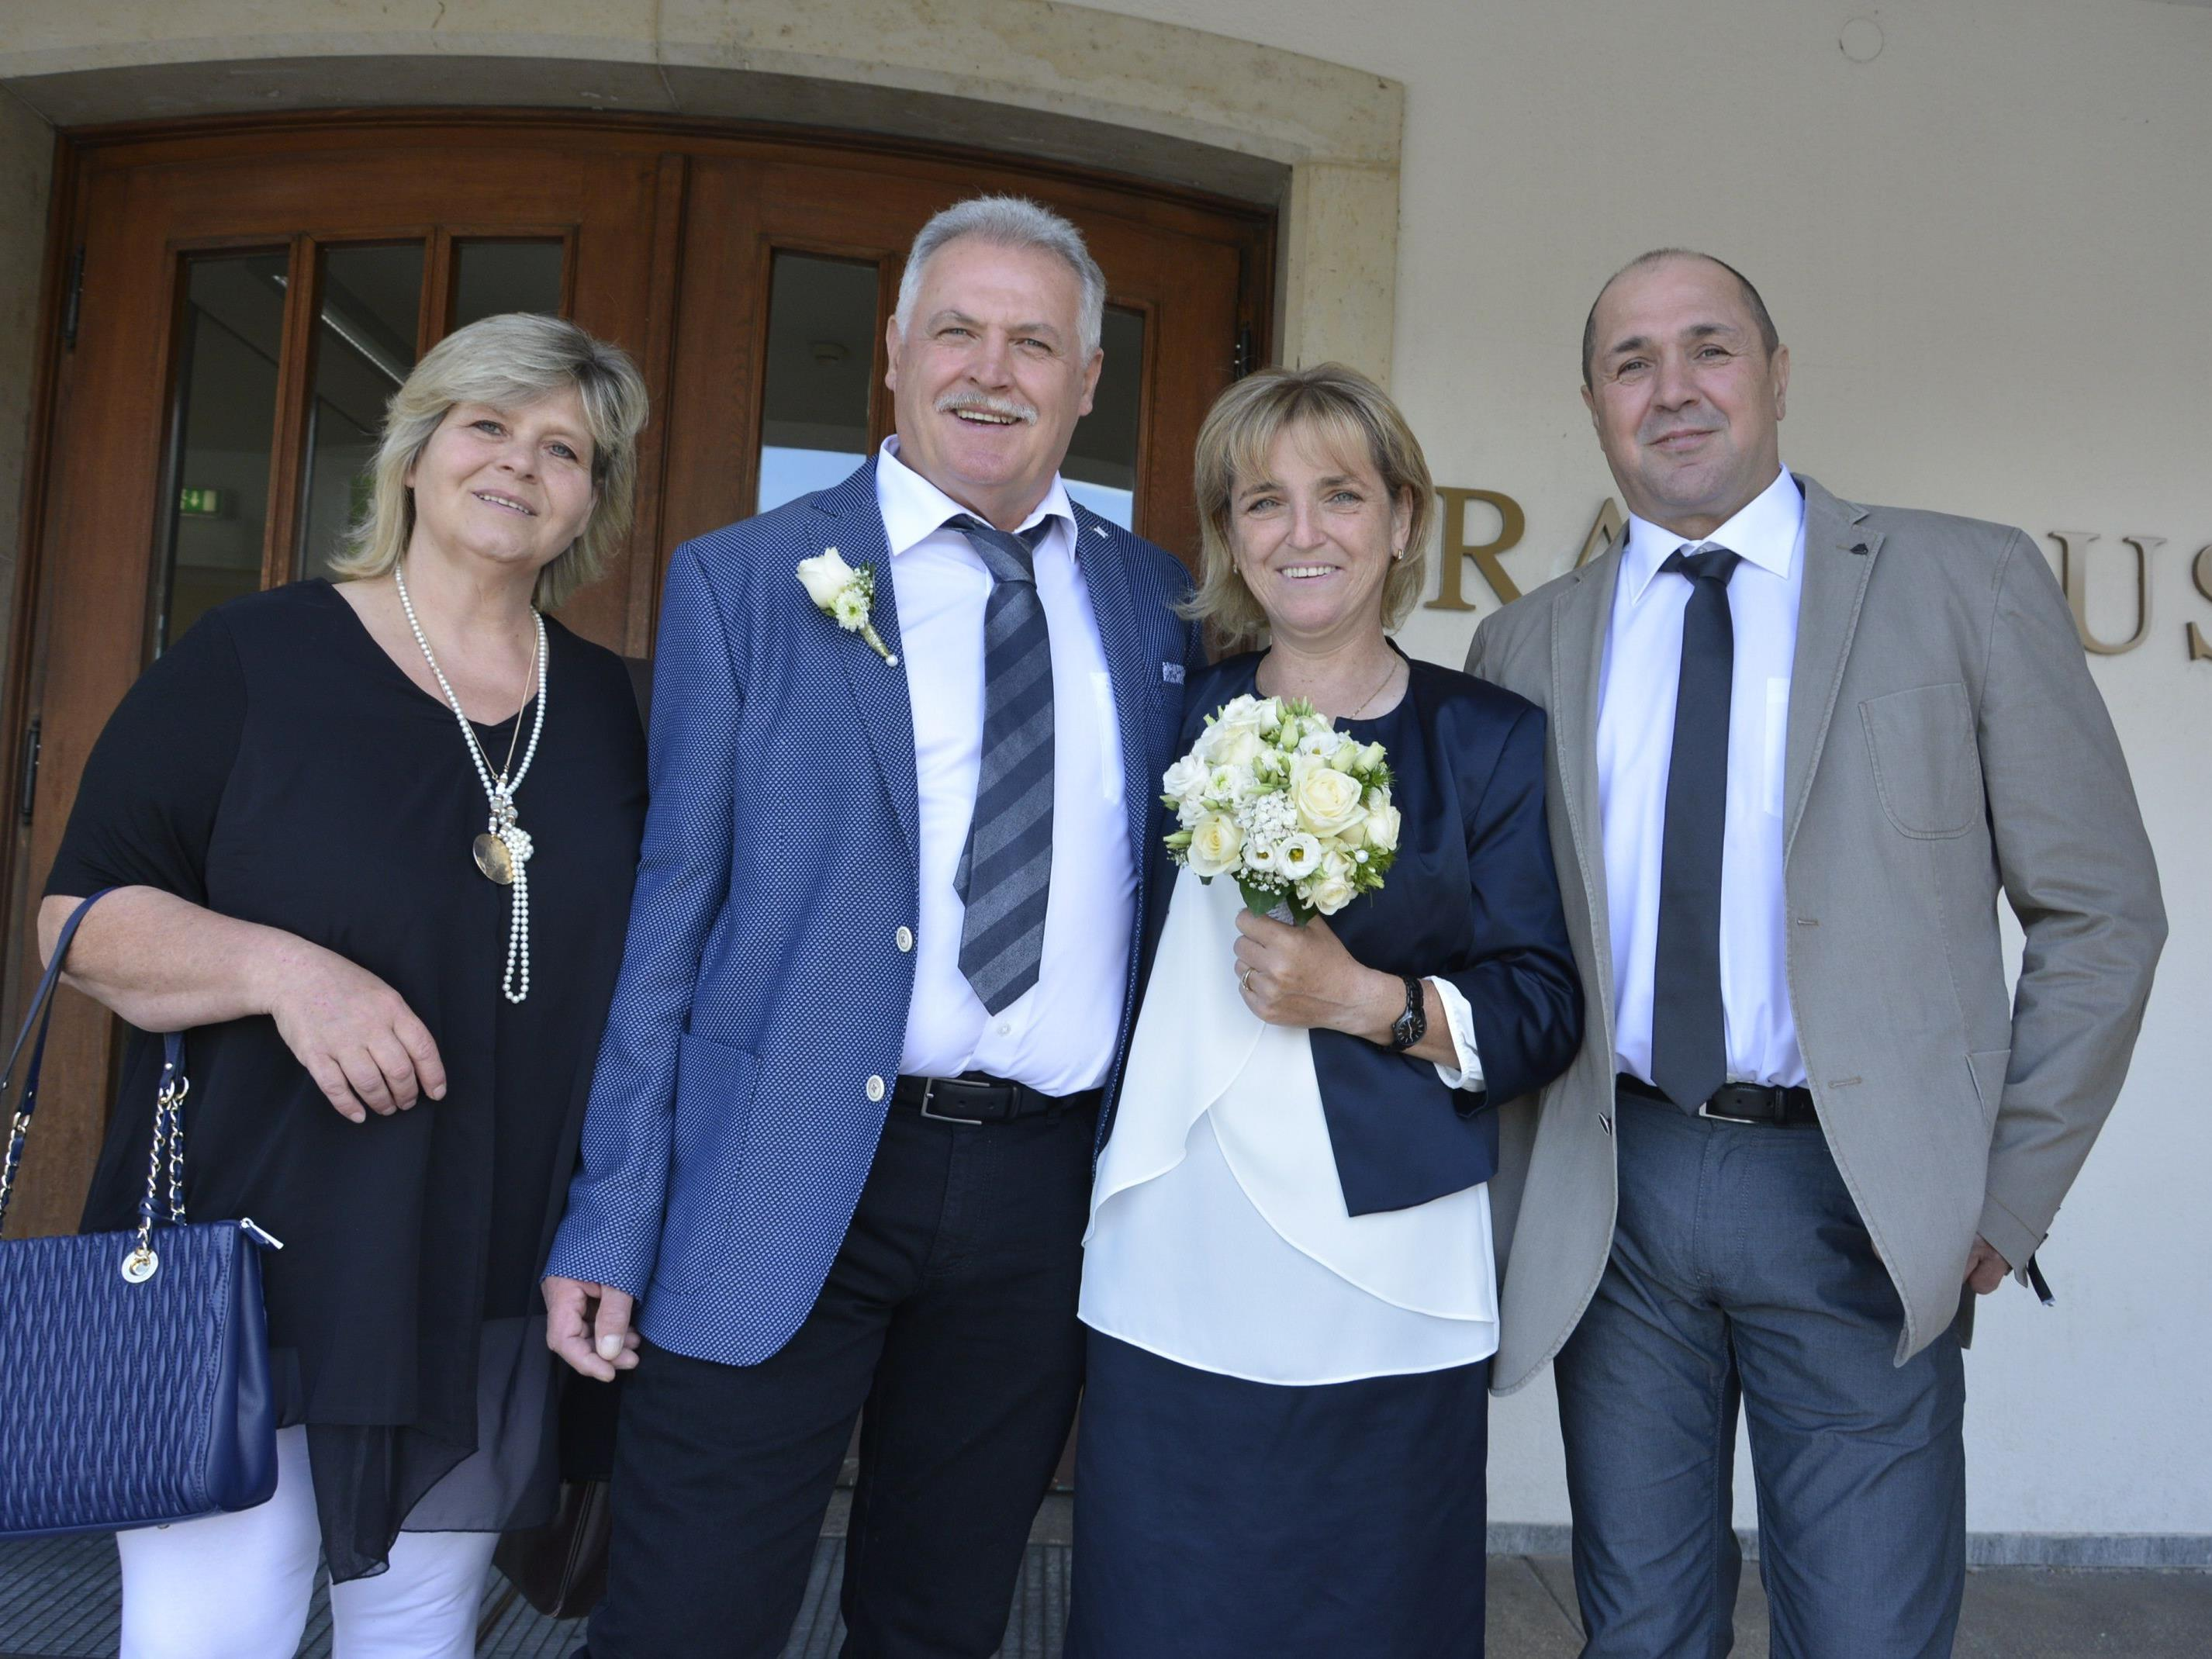 Das Brautpaar, frisch vermählt, nach der standesamtlichen Trauung in Dornbirn.